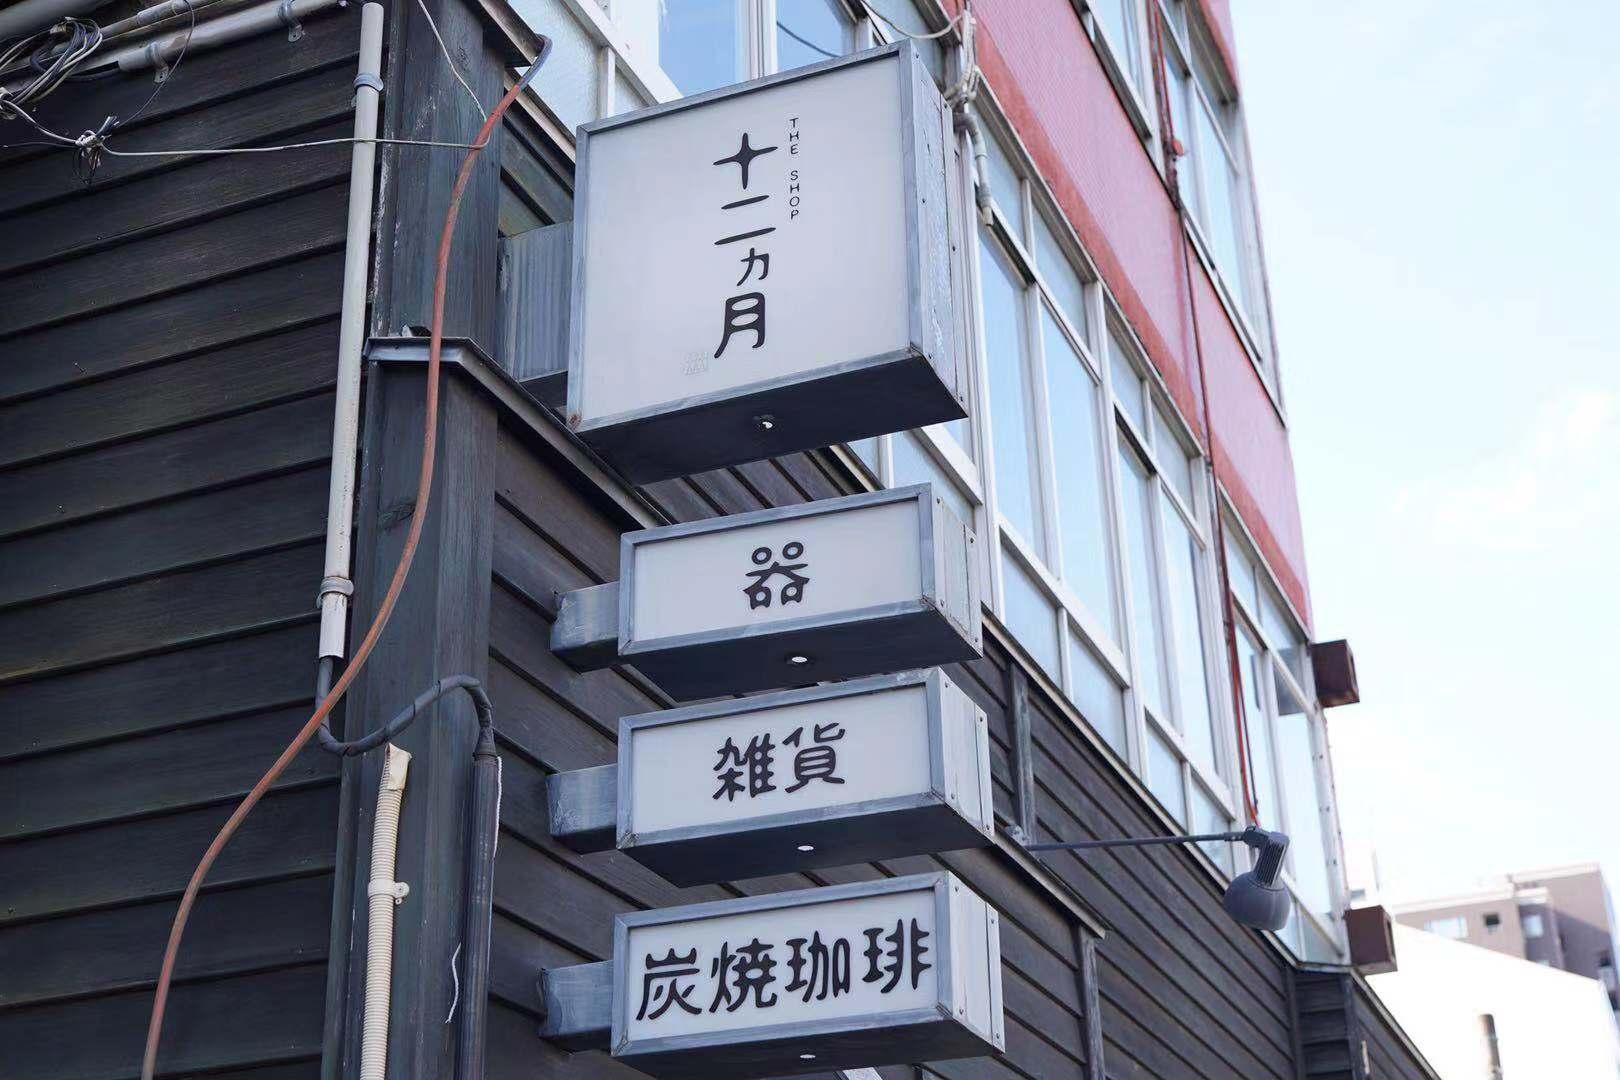 """上前津のギャラリー&カフェ「THE SHOP 十二ヵ月」で始める""""丁寧な暮らし"""" - jyuni11"""